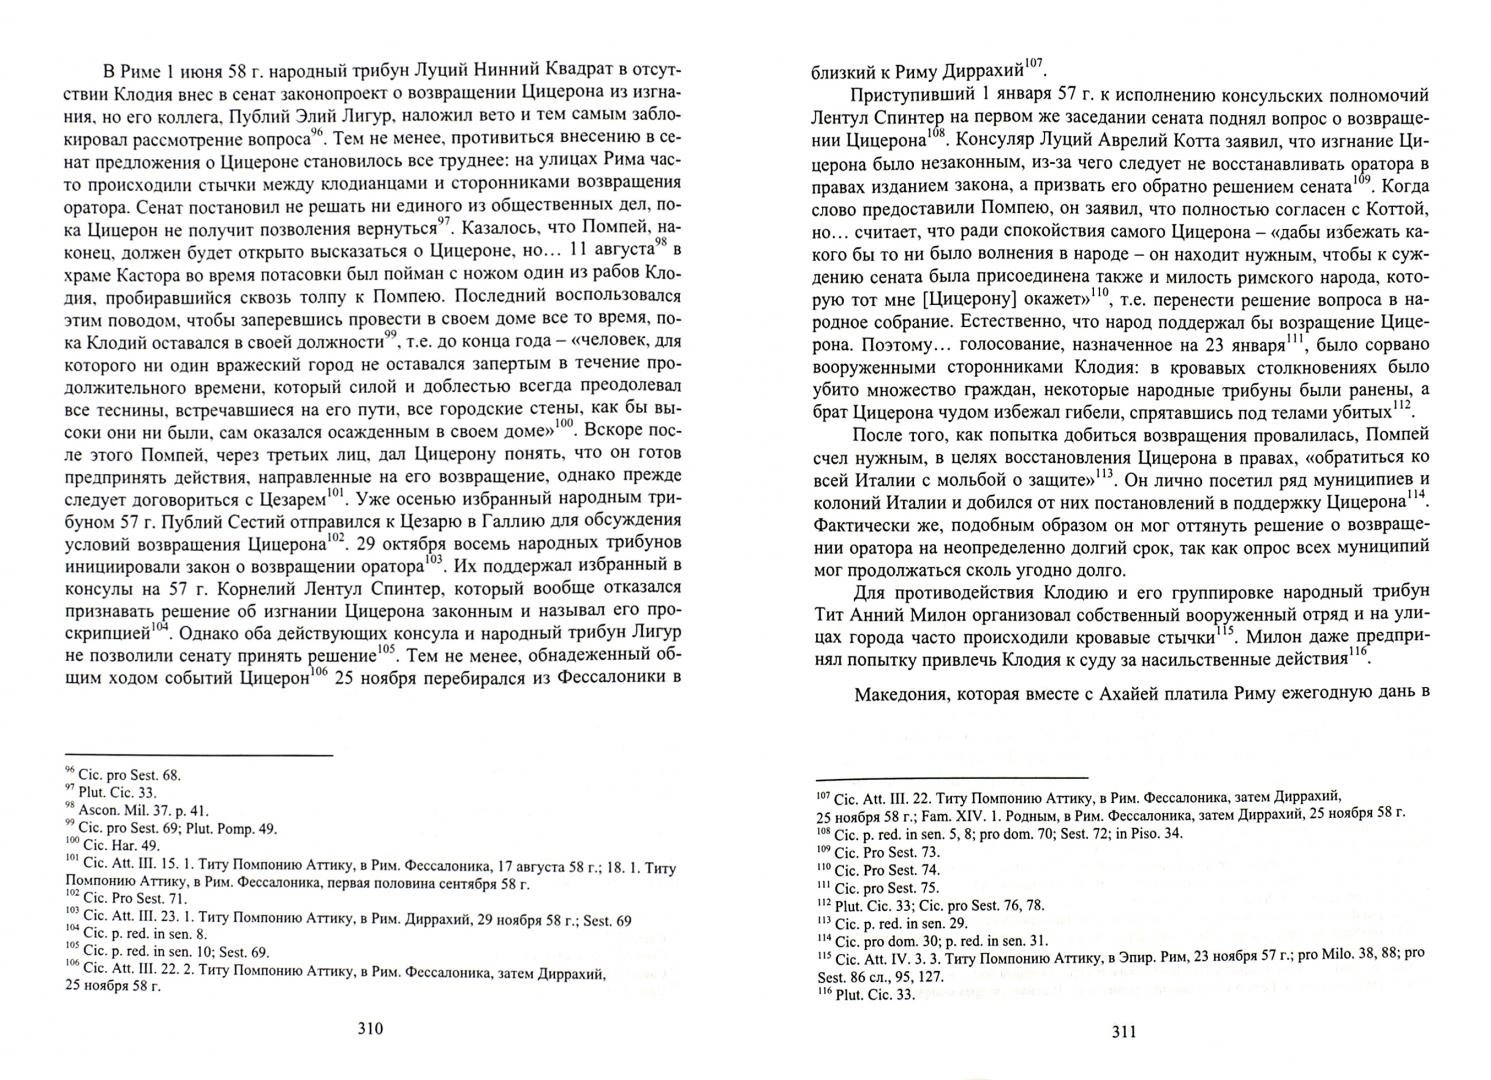 Иллюстрация 1 из 6 для Зарождение императорского Рима. В 2-х томах - Нуррулаев Анар Нуру оглы   Лабиринт - книги. Источник: Лабиринт